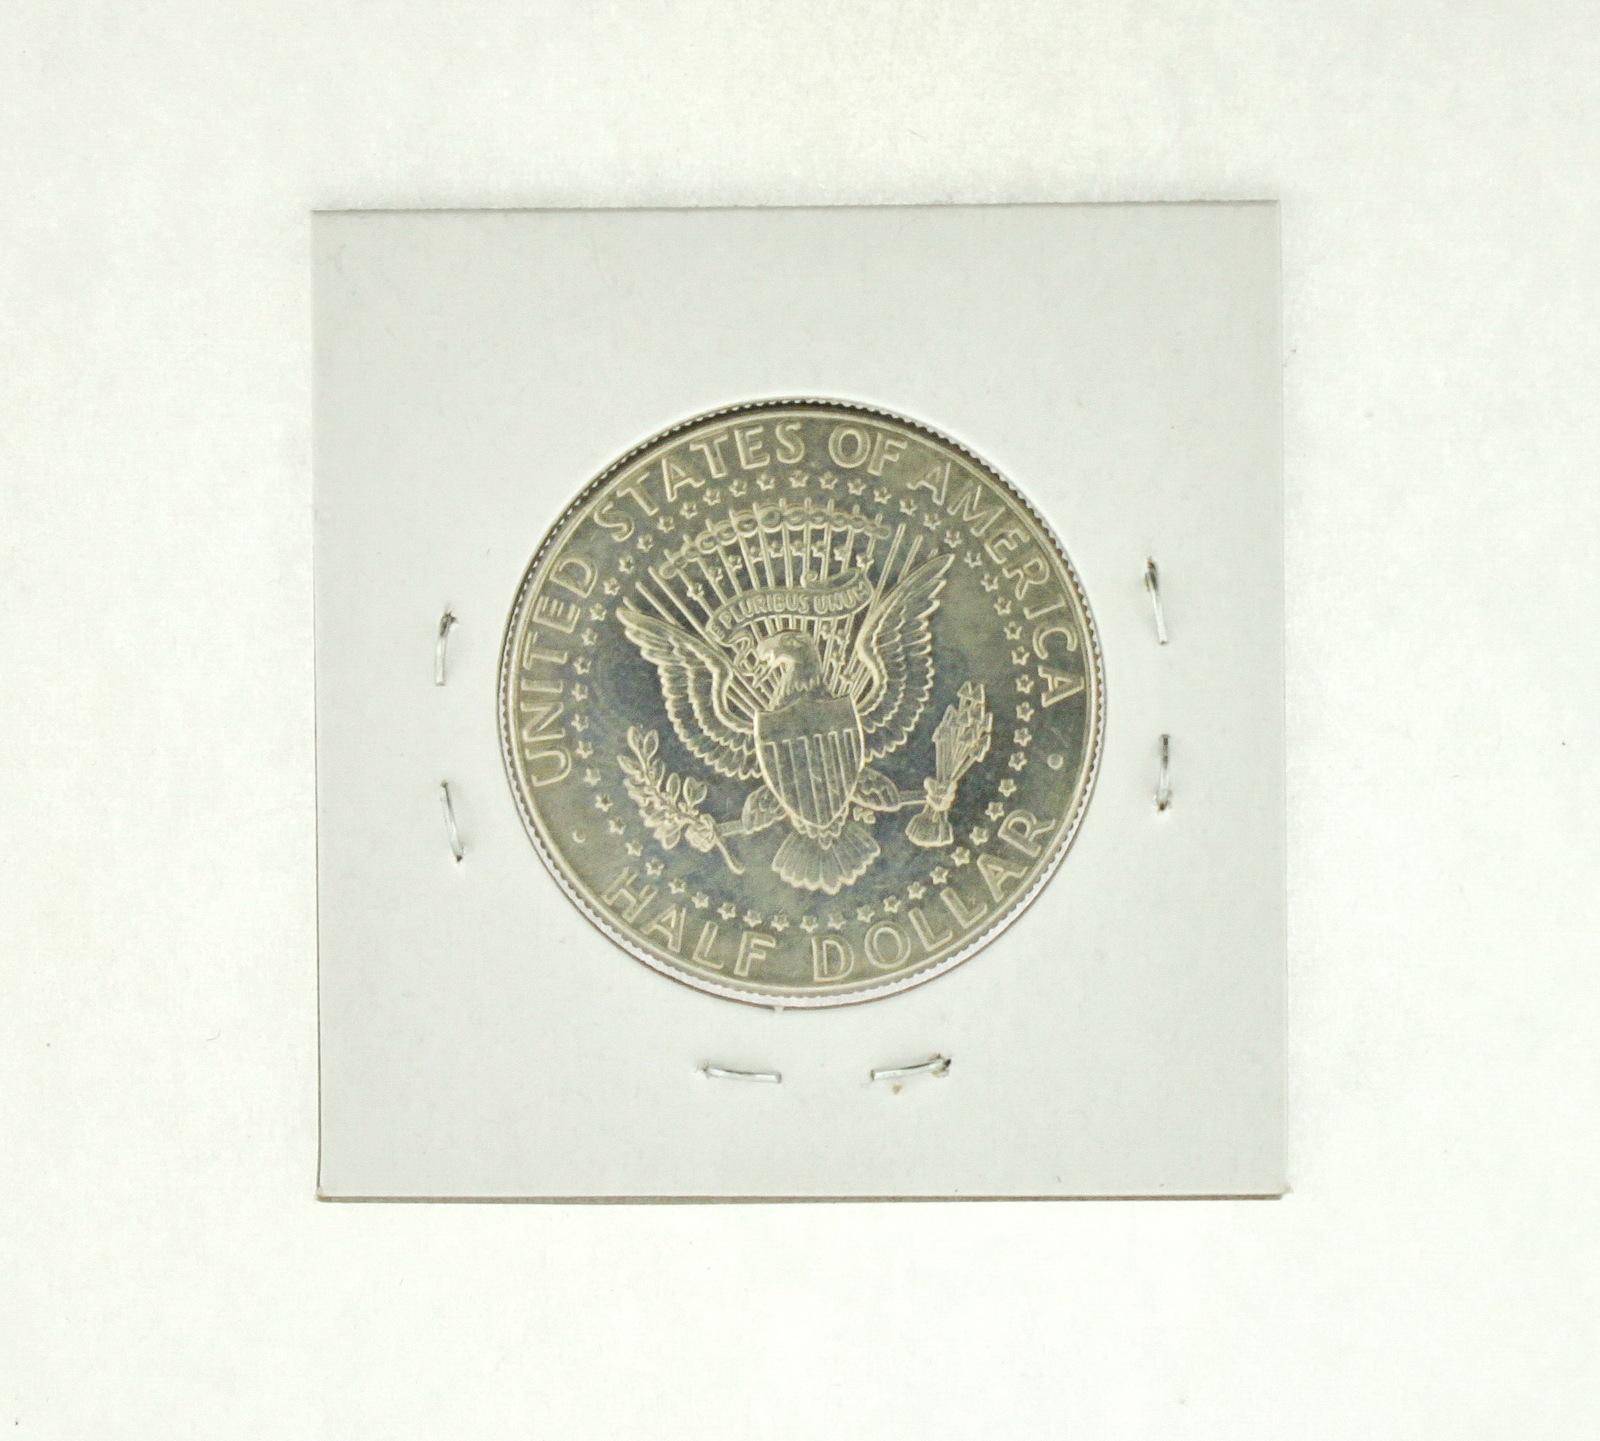 2001-D Kennedy Half Dollar (XF) Extremely Fine N2-4018-9